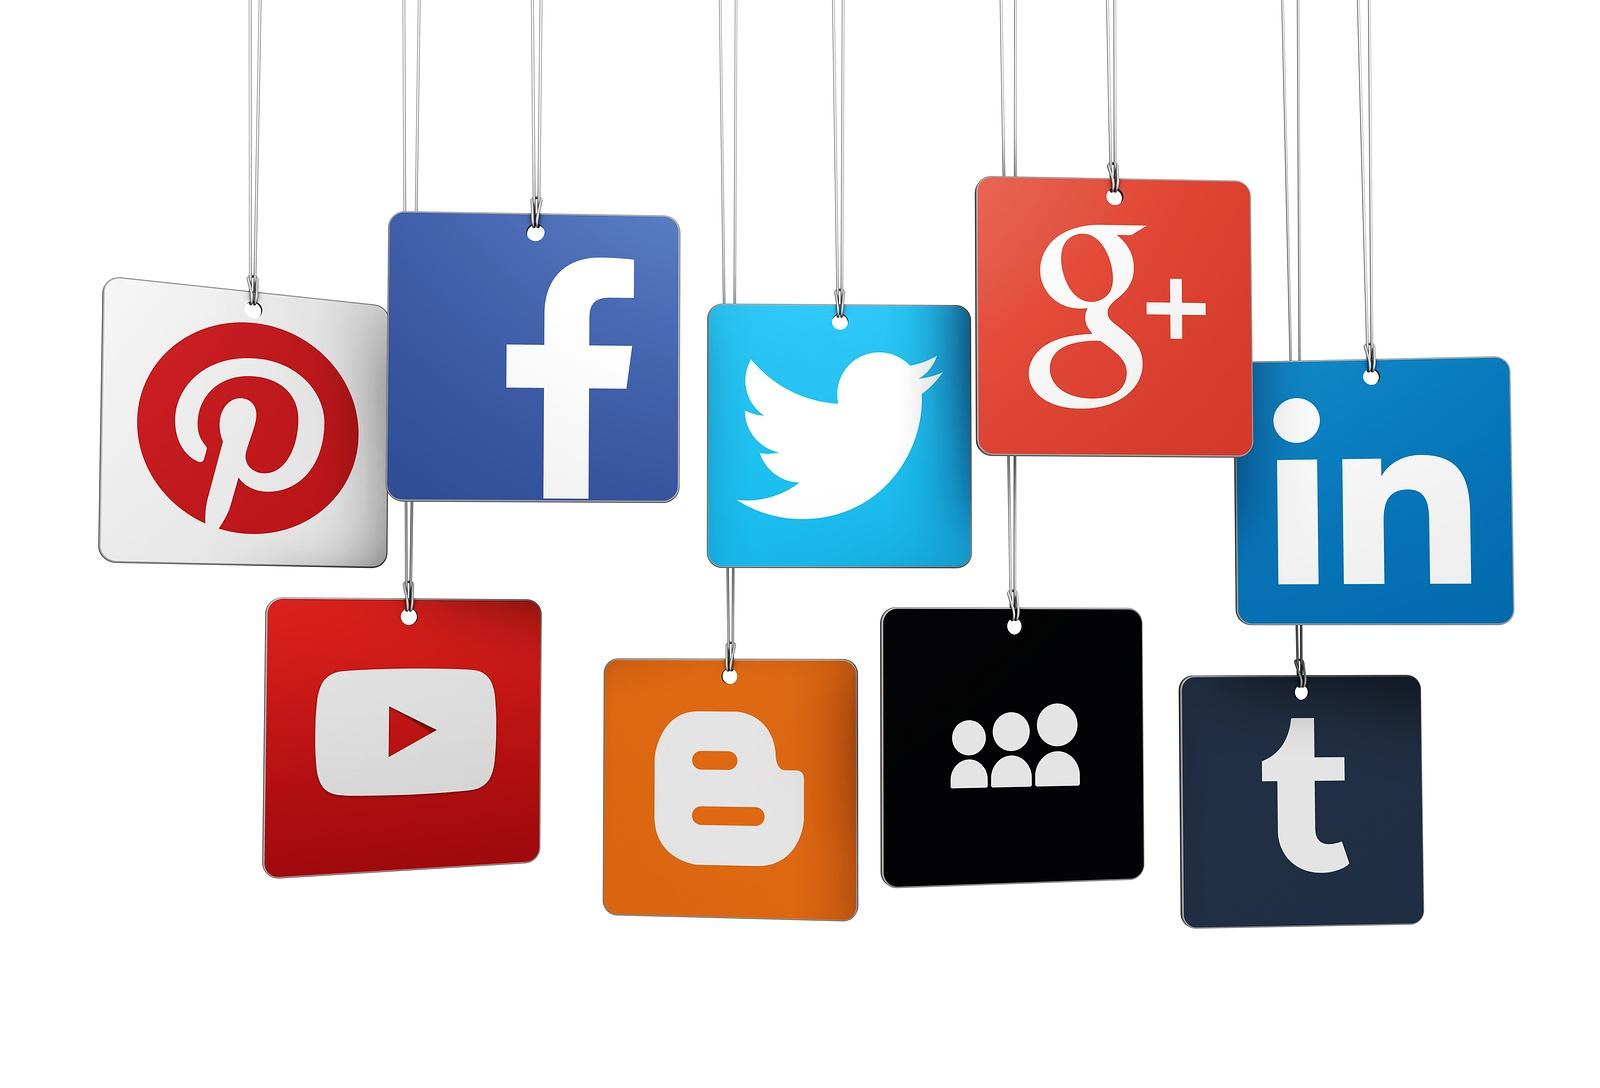 Les réseaux sociaux sont un relai efficace pour diffuser votre message